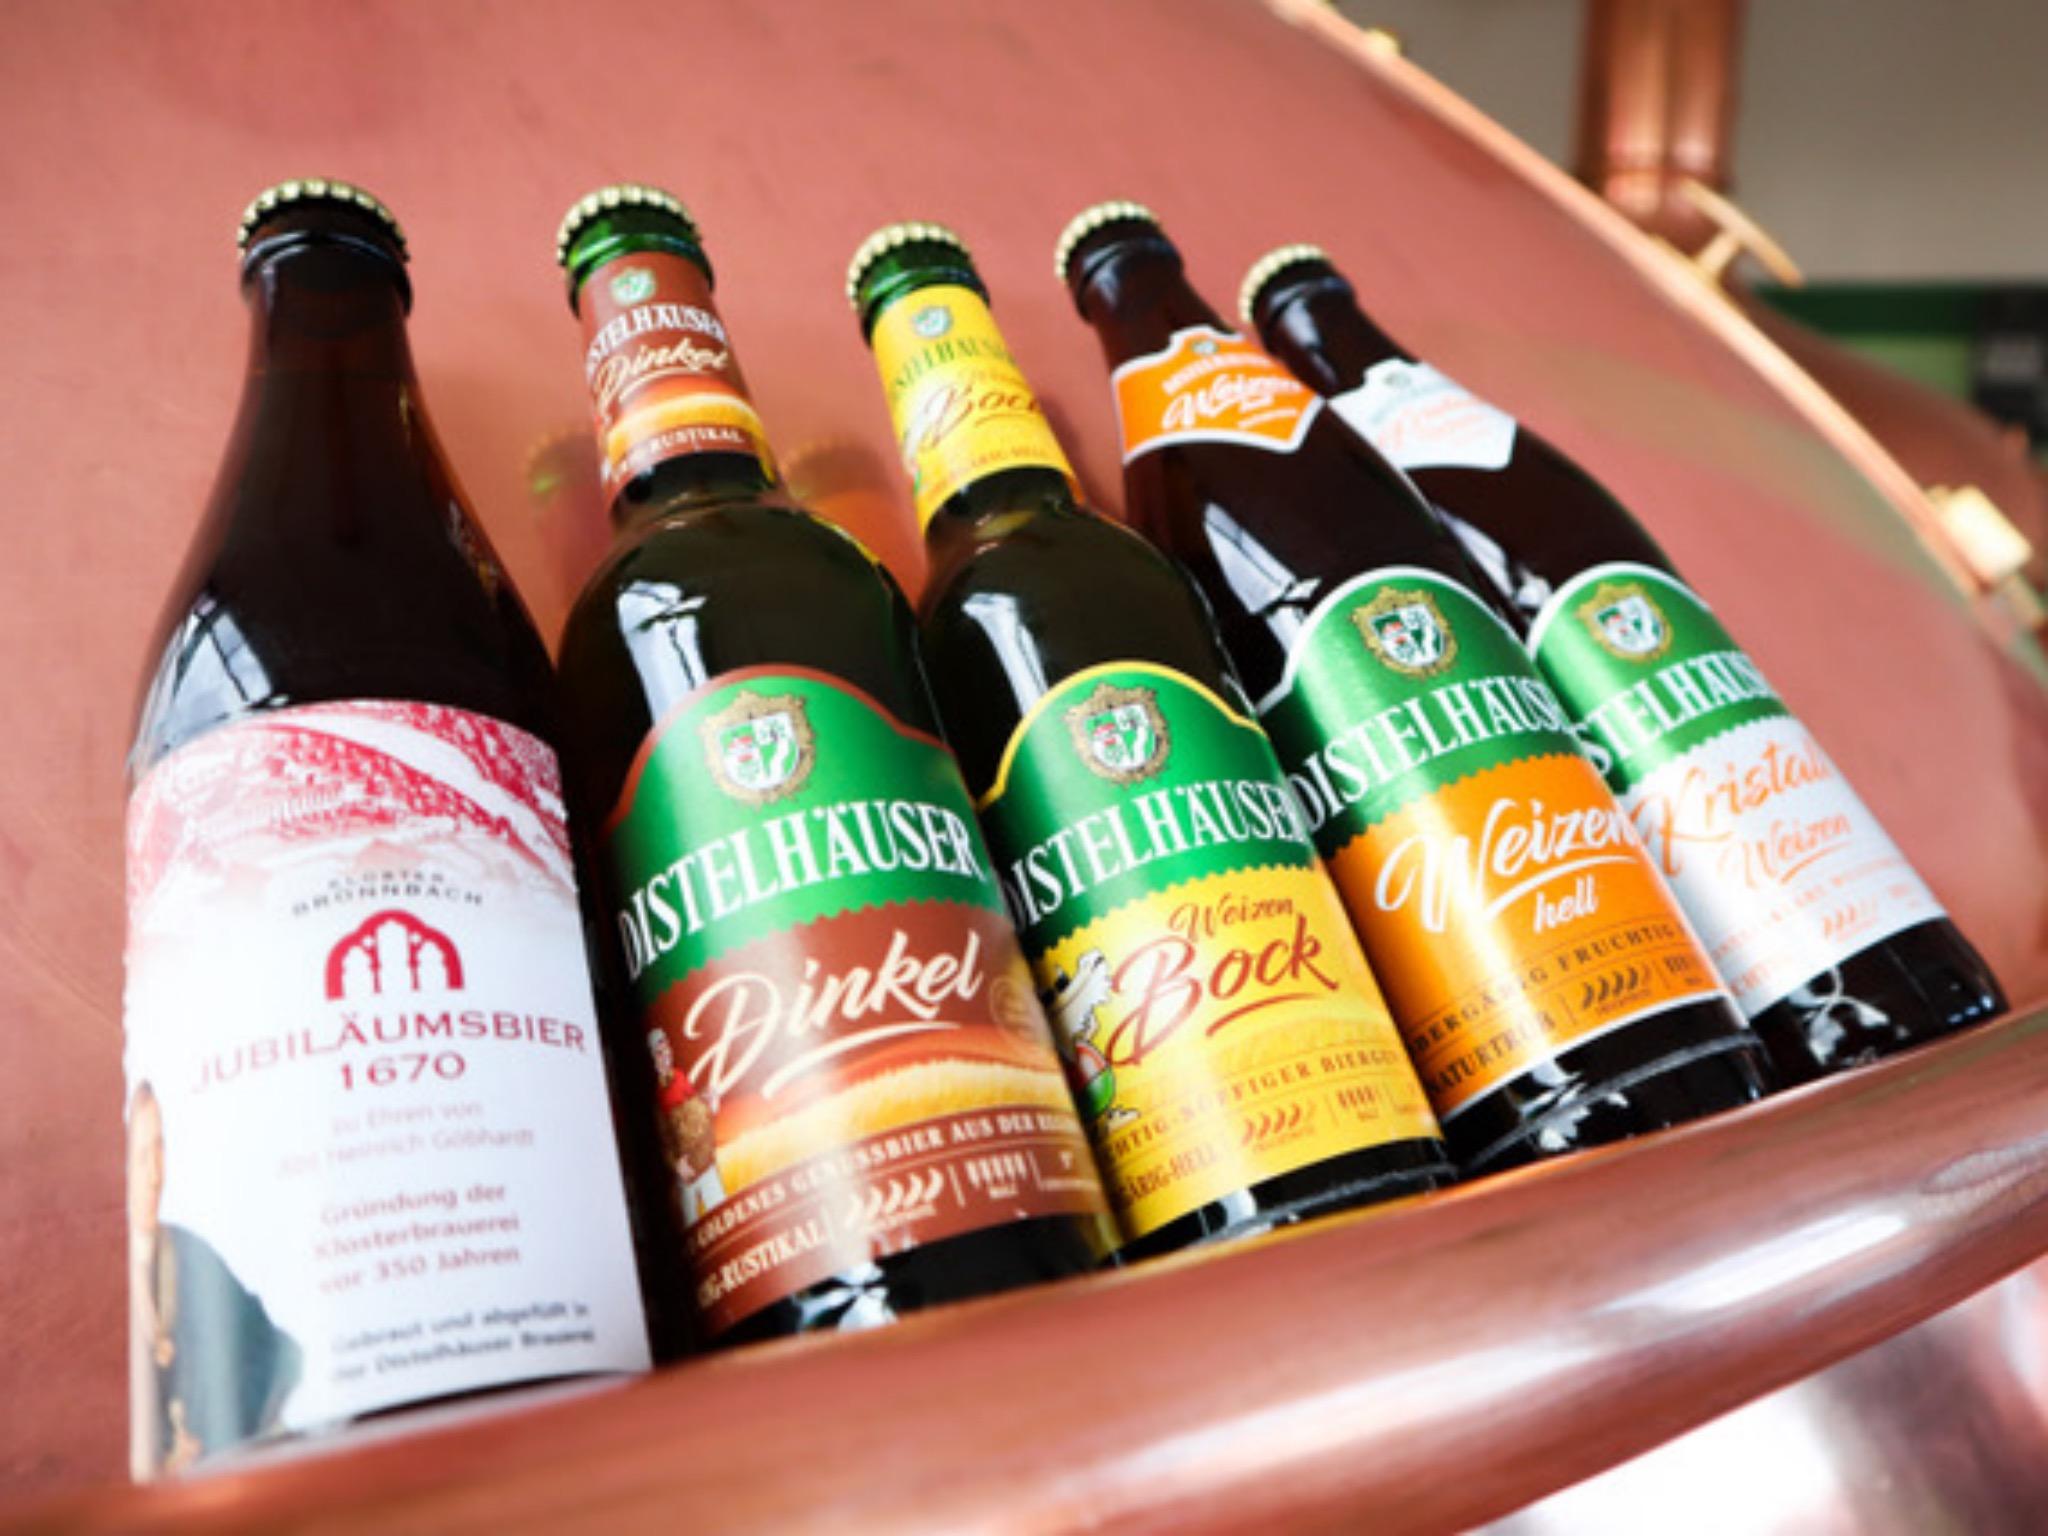 """Die fünf ausgezeichneten Biere des Qualitätswettbewerbs """"European Beer Star""""! Foto: Distelhäuser Brauerei"""